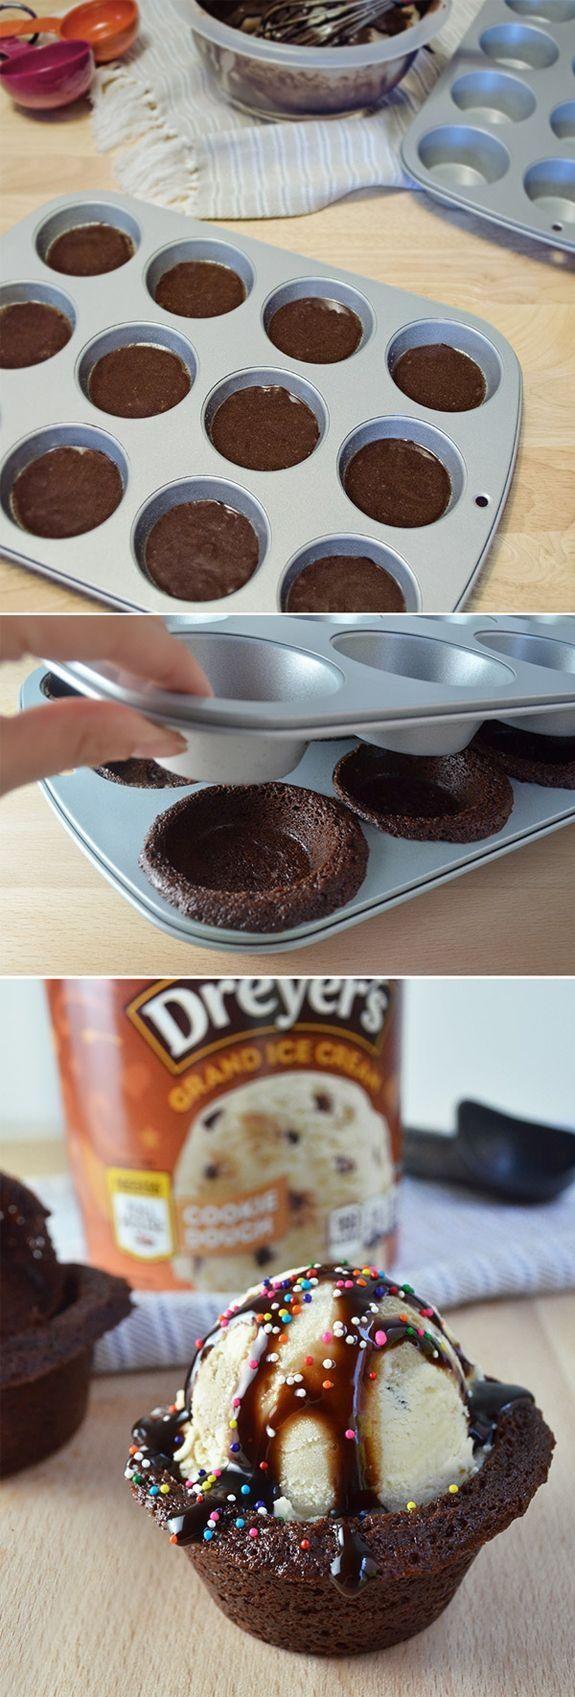 Brownie Cup & Ice Cream Sundae.... Brilliant!                                                                                                                                                                                 More